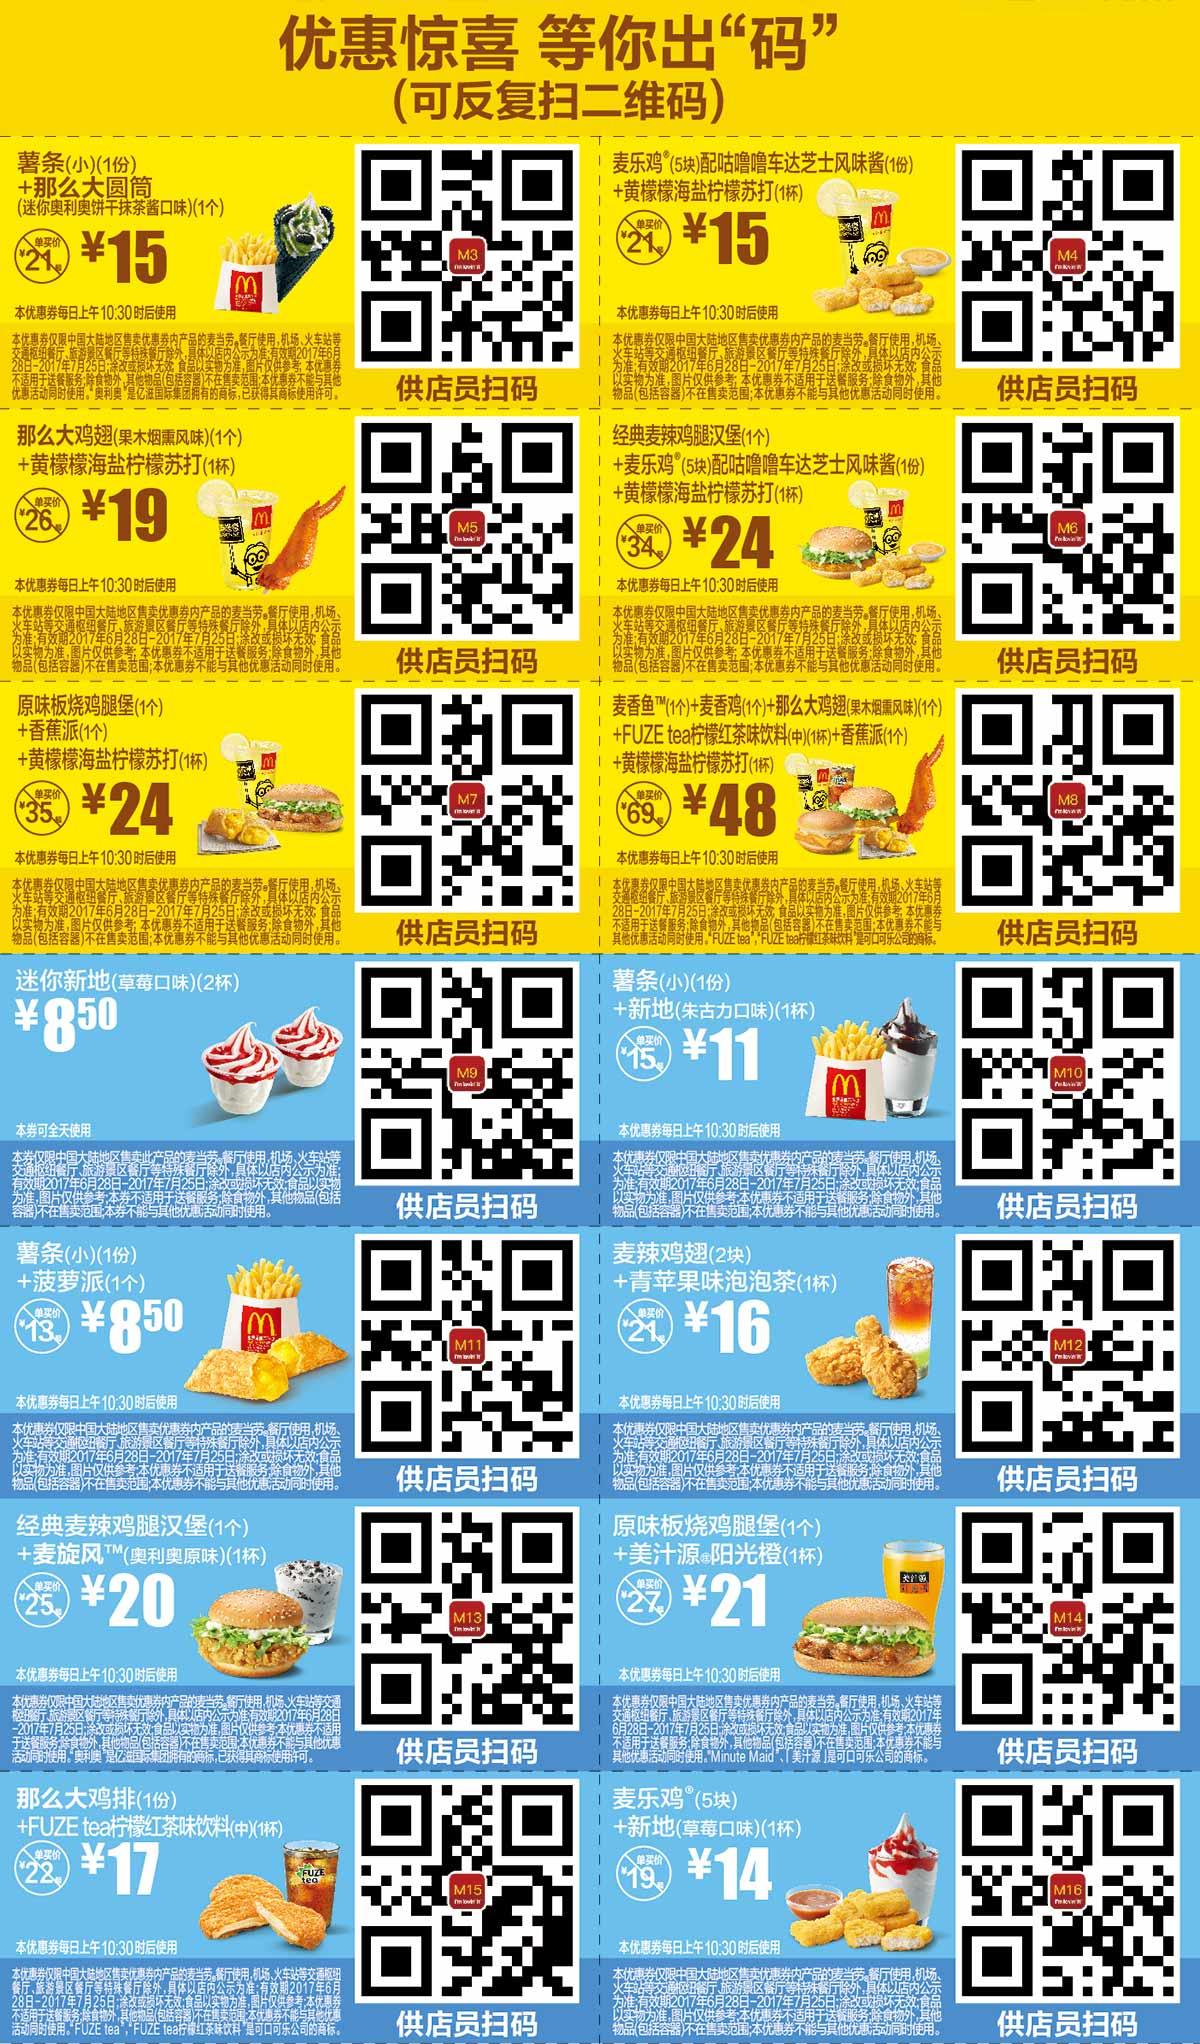 优惠券图片:麦当劳优惠券2017年7月份手机版整张版本,点餐出示给店员扫码享优惠 有效期2017年06月28日-2017年07月25日